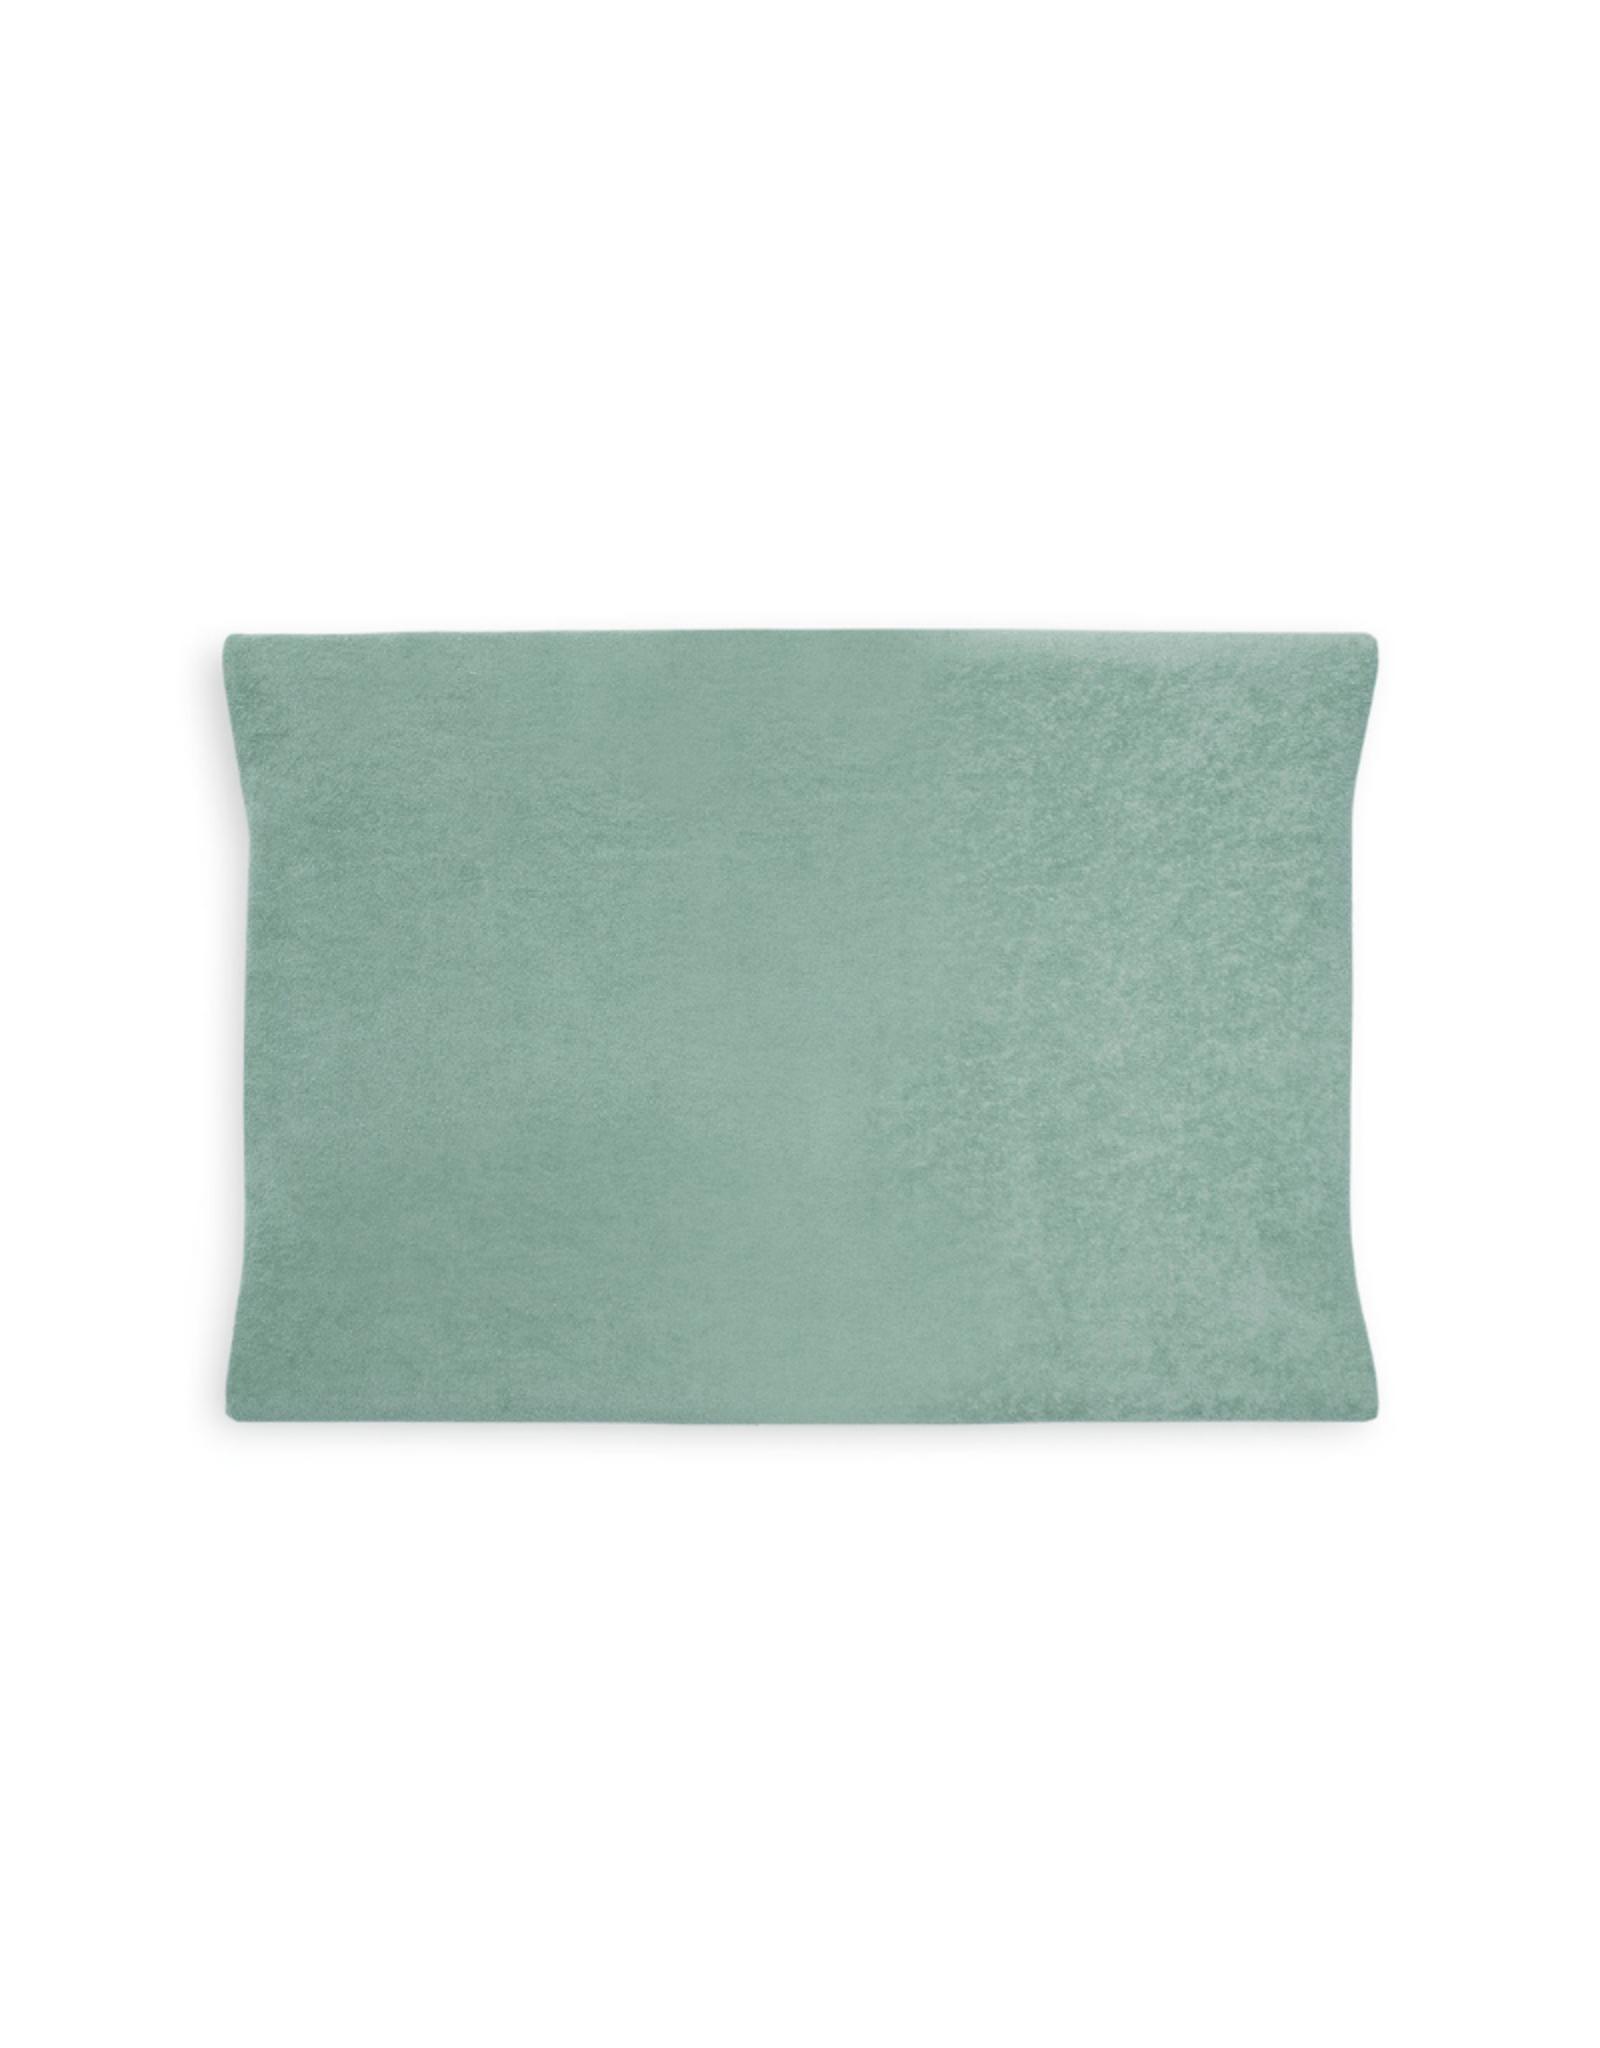 Jollein Ververs/aankleedkussenhoes Badstof 50 x 70 cm - Ash Green